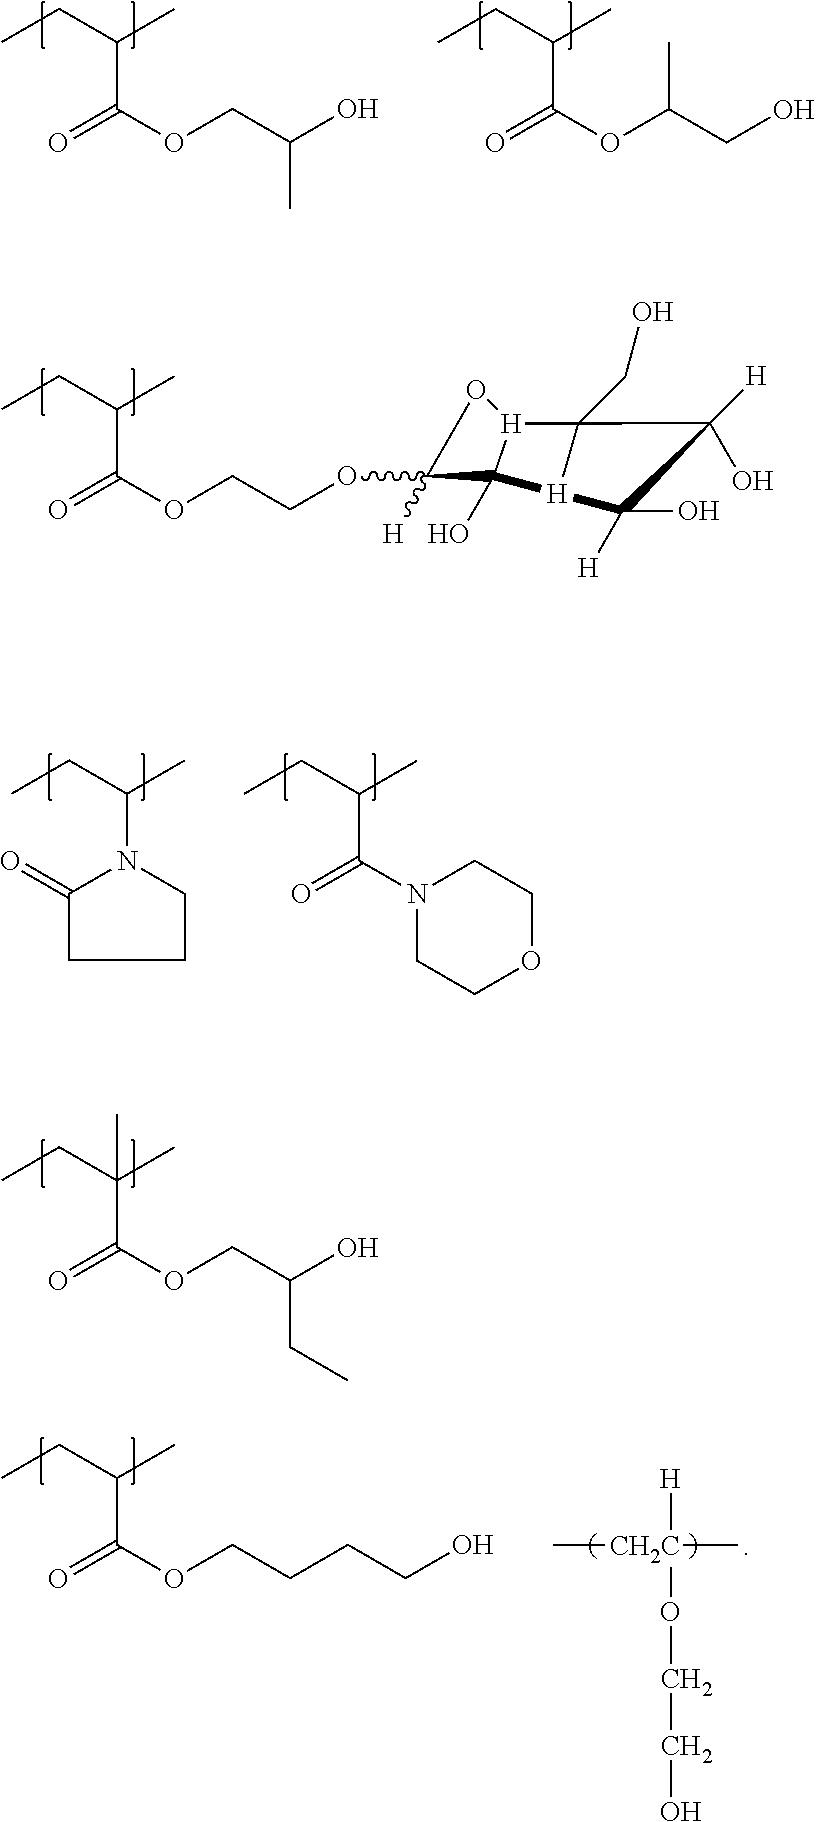 Figure US20110183852A1-20110728-C00033